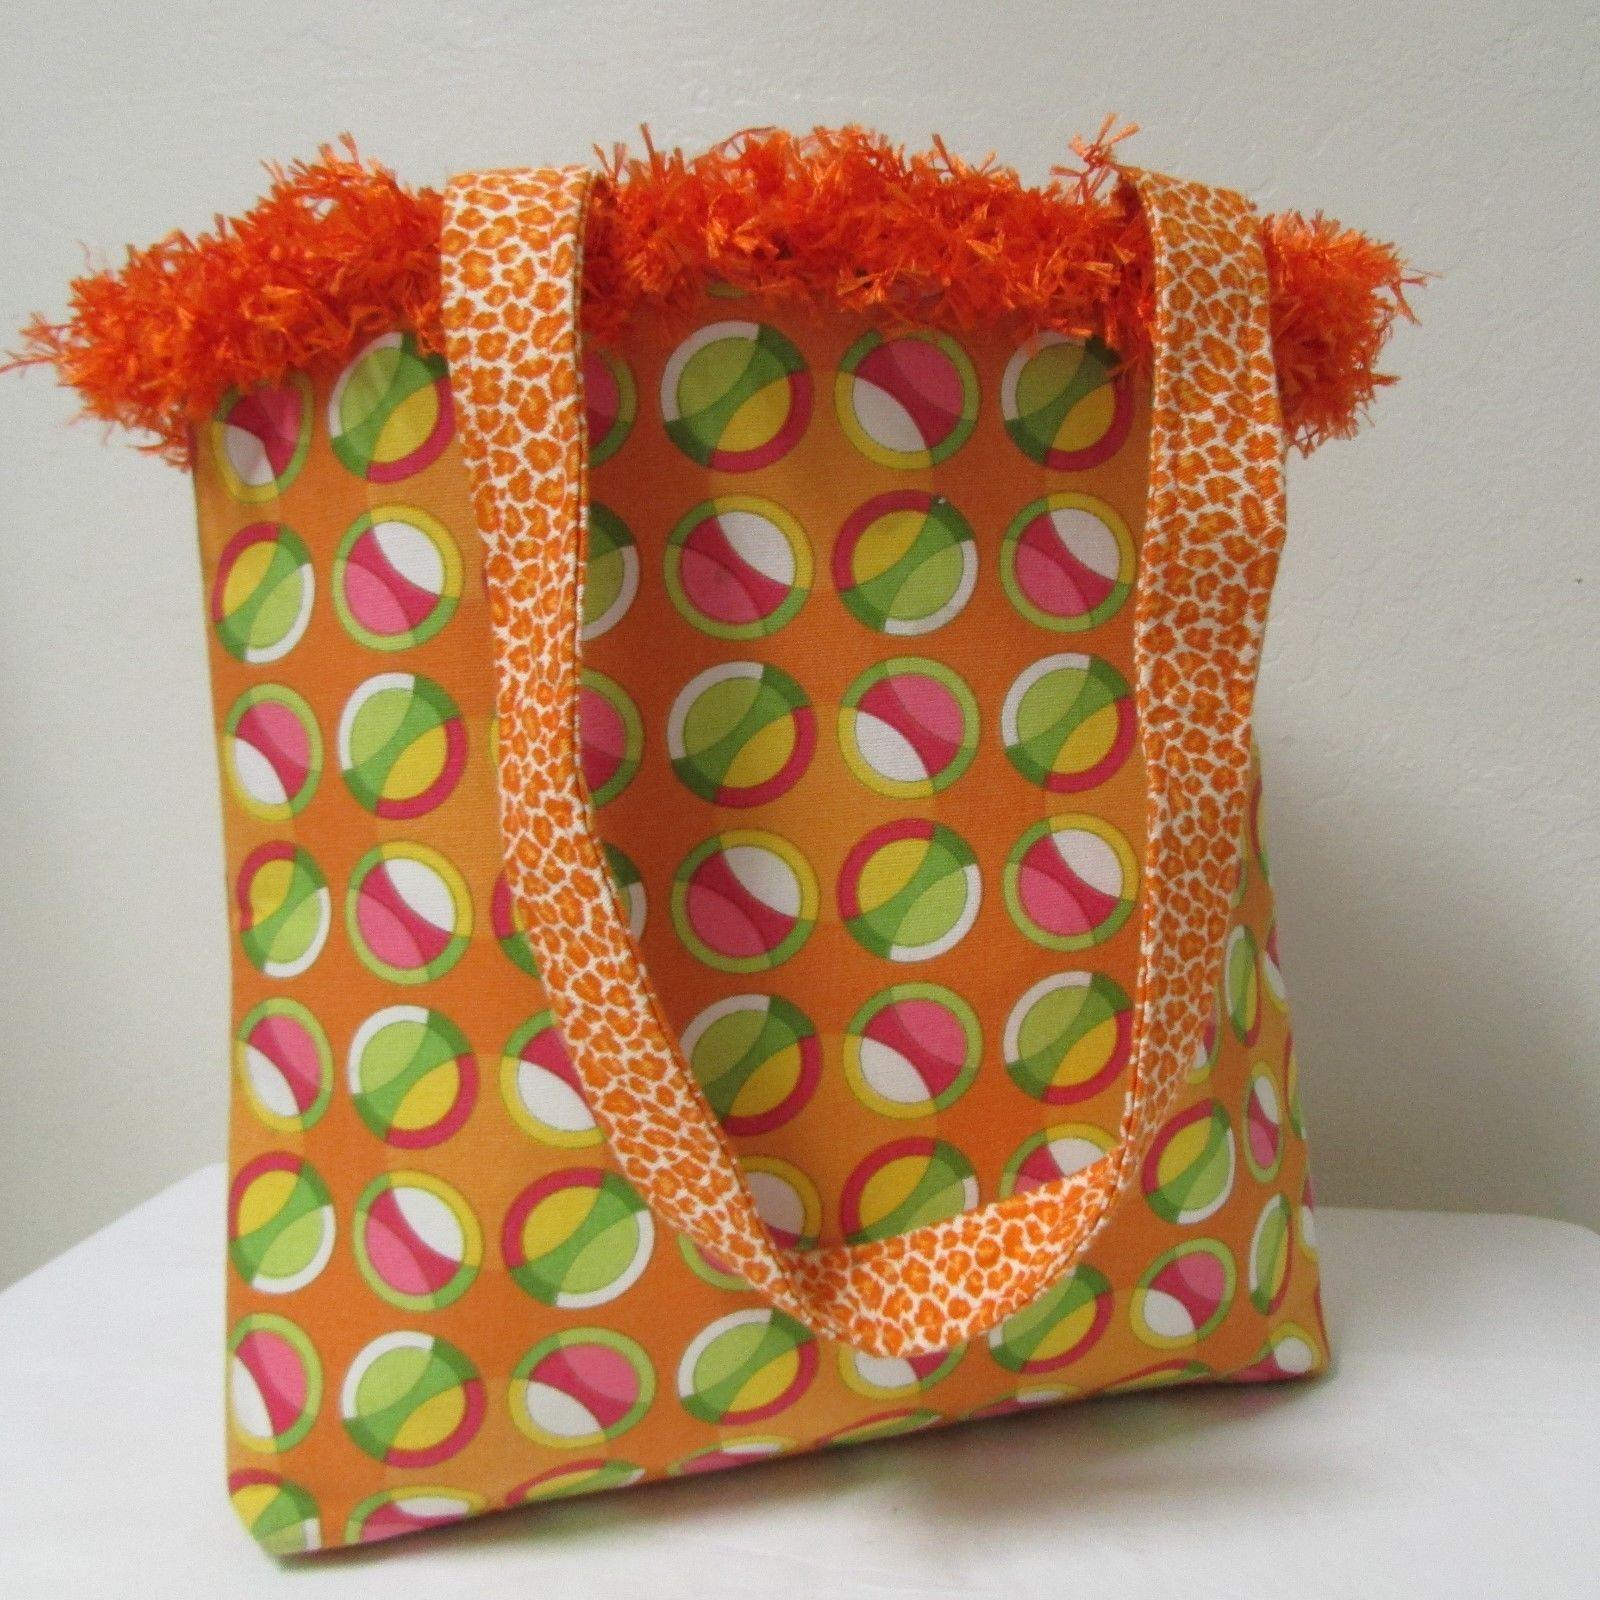 NWOT Large Custom Bag Daddy Orange Retro Shoulder Bag Shoppers Tote image 4